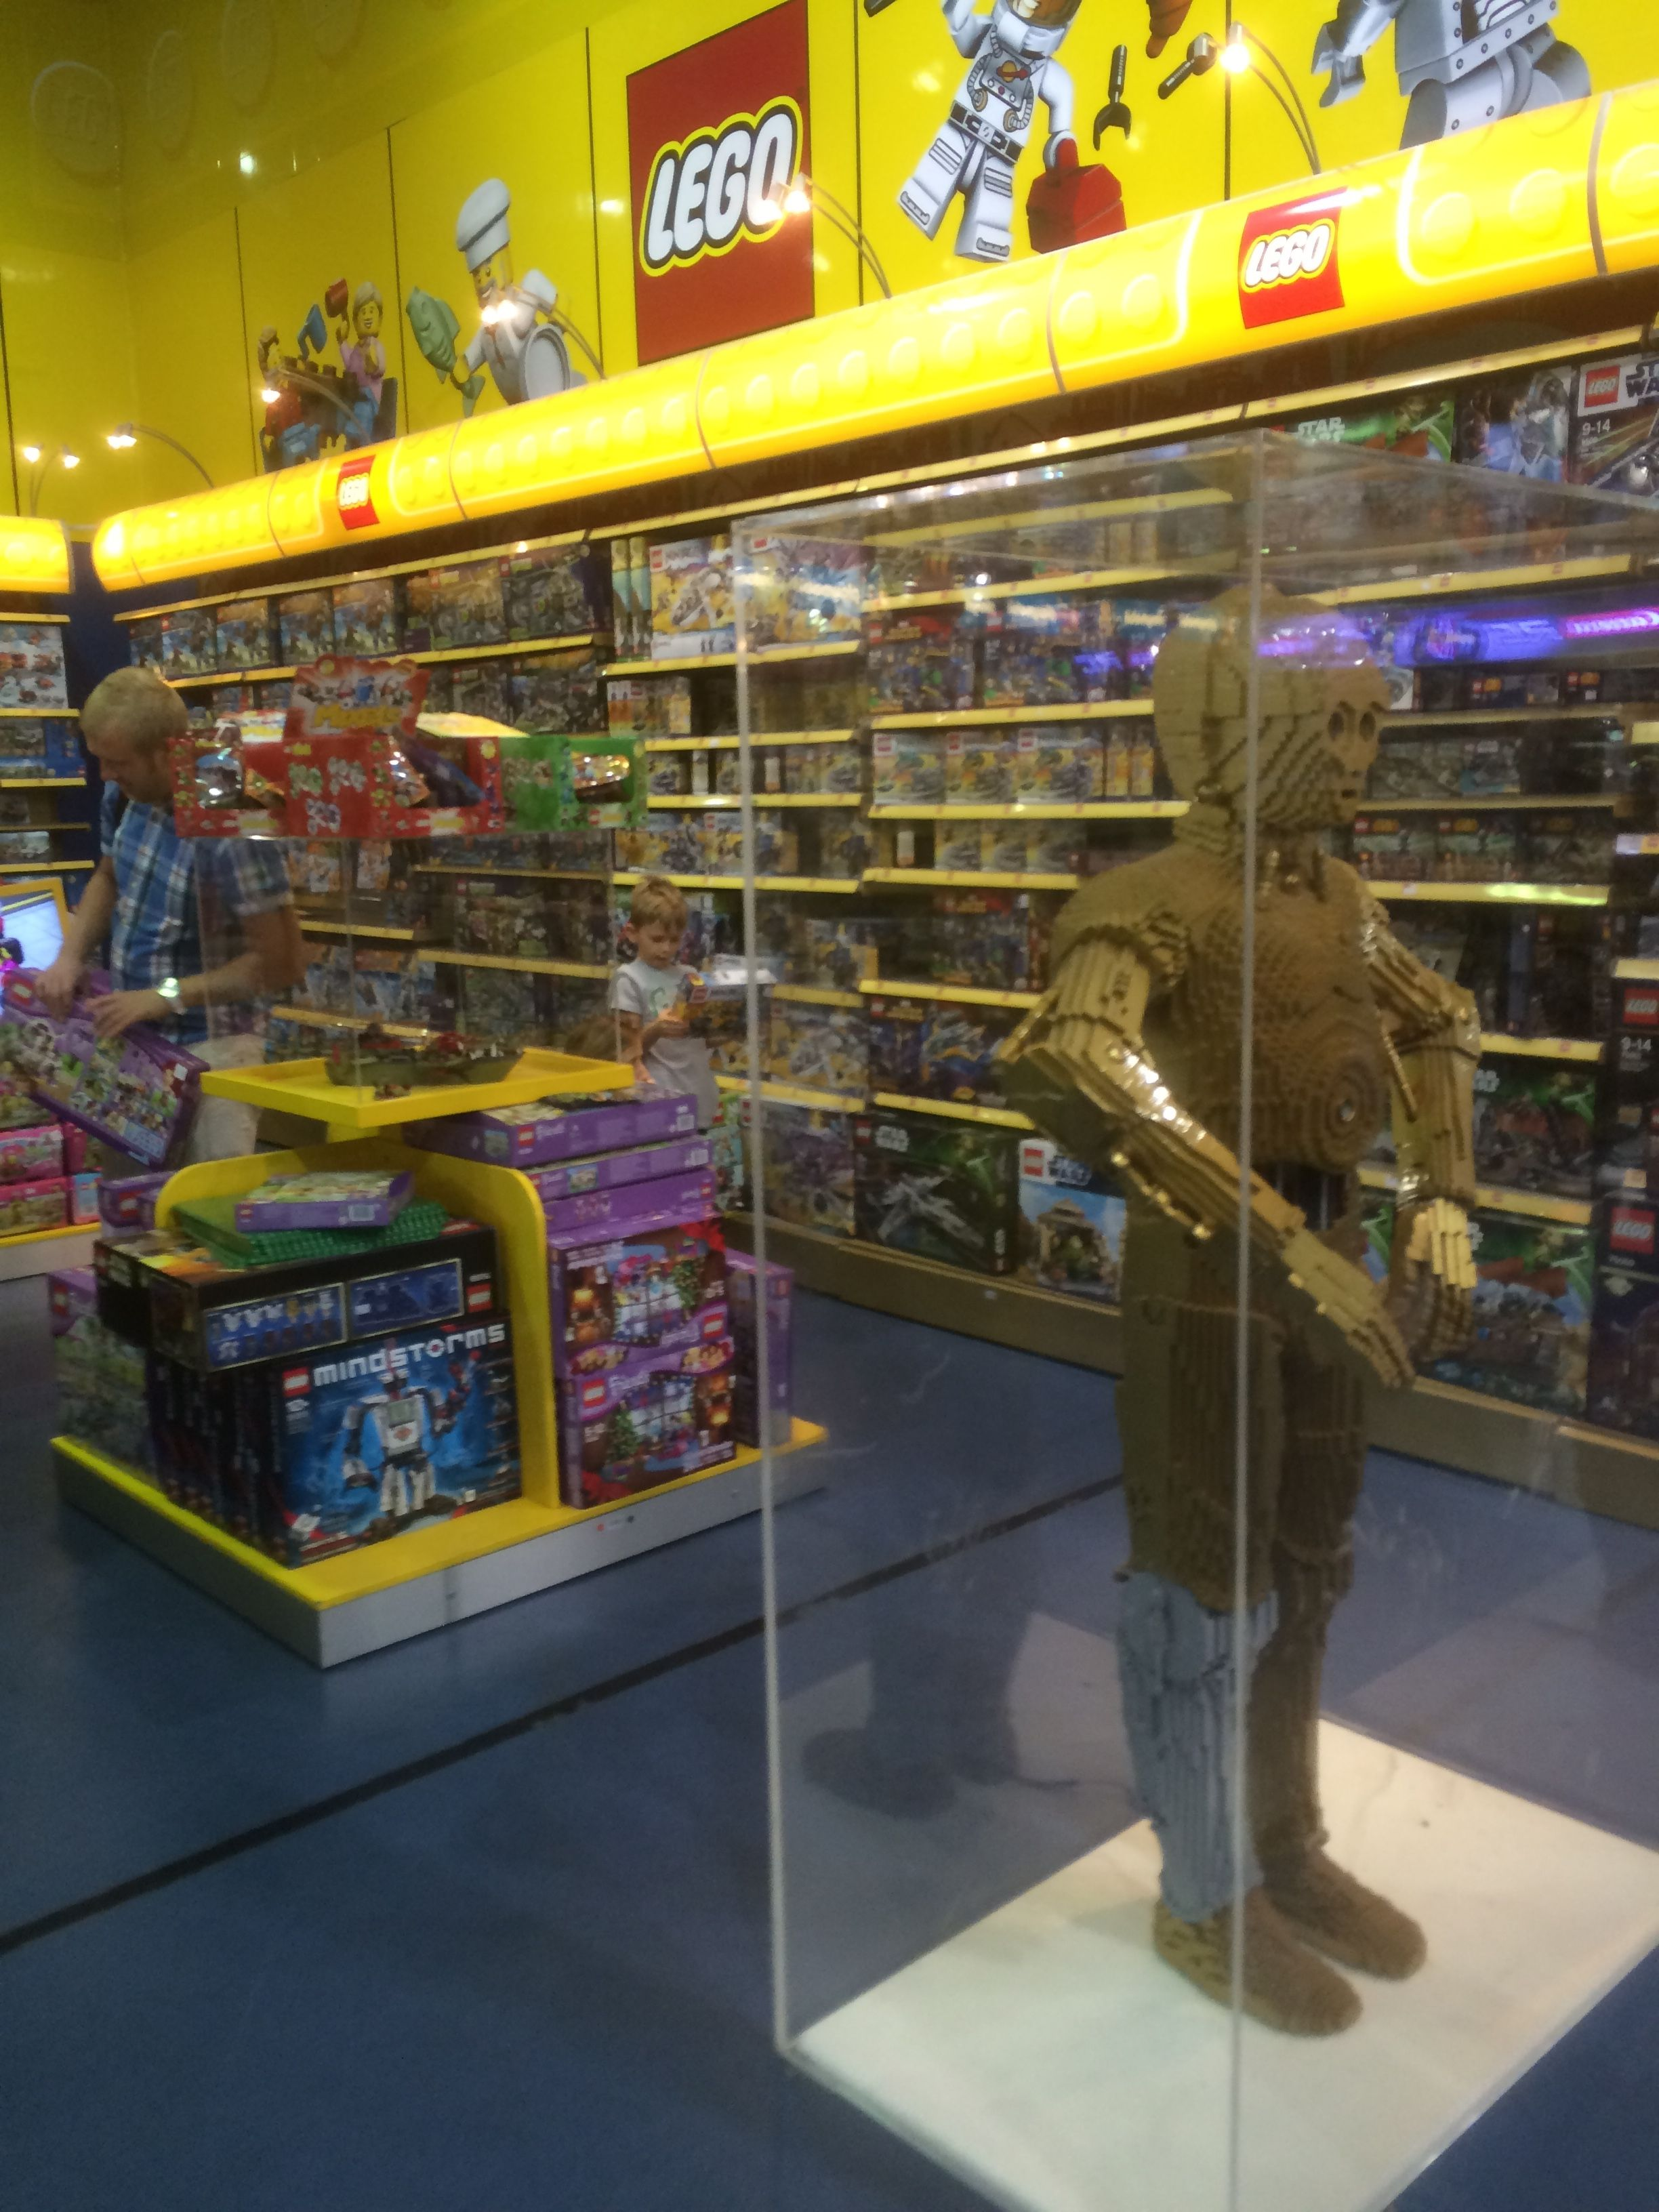 Lovely Hamleys   UAE   Dubai Mall   Toys   Lifestyle   Landscape   Layout   Visual  Merchandising   Www.clearretailgroup.eu | Visual Merchandising | Pinterest  ...